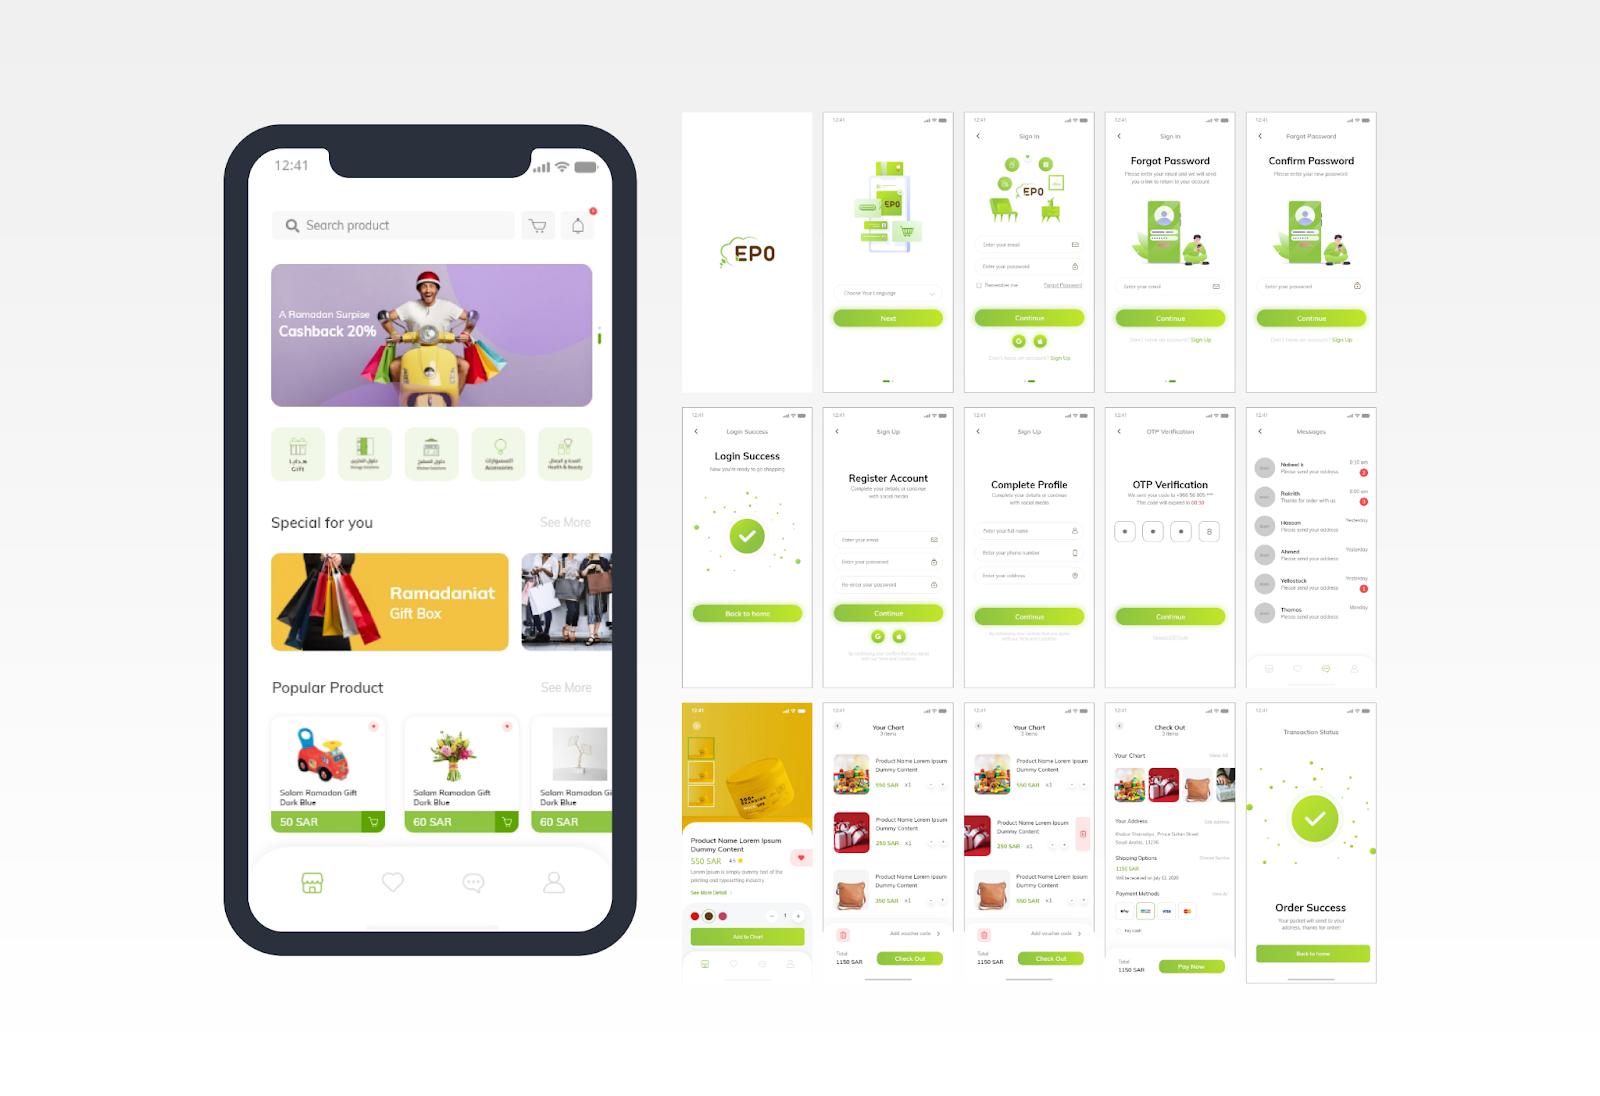 E-Commerce Mobile Application UI/UX Design - YelloStack Mobile Application Development Company in Saudi Arabia